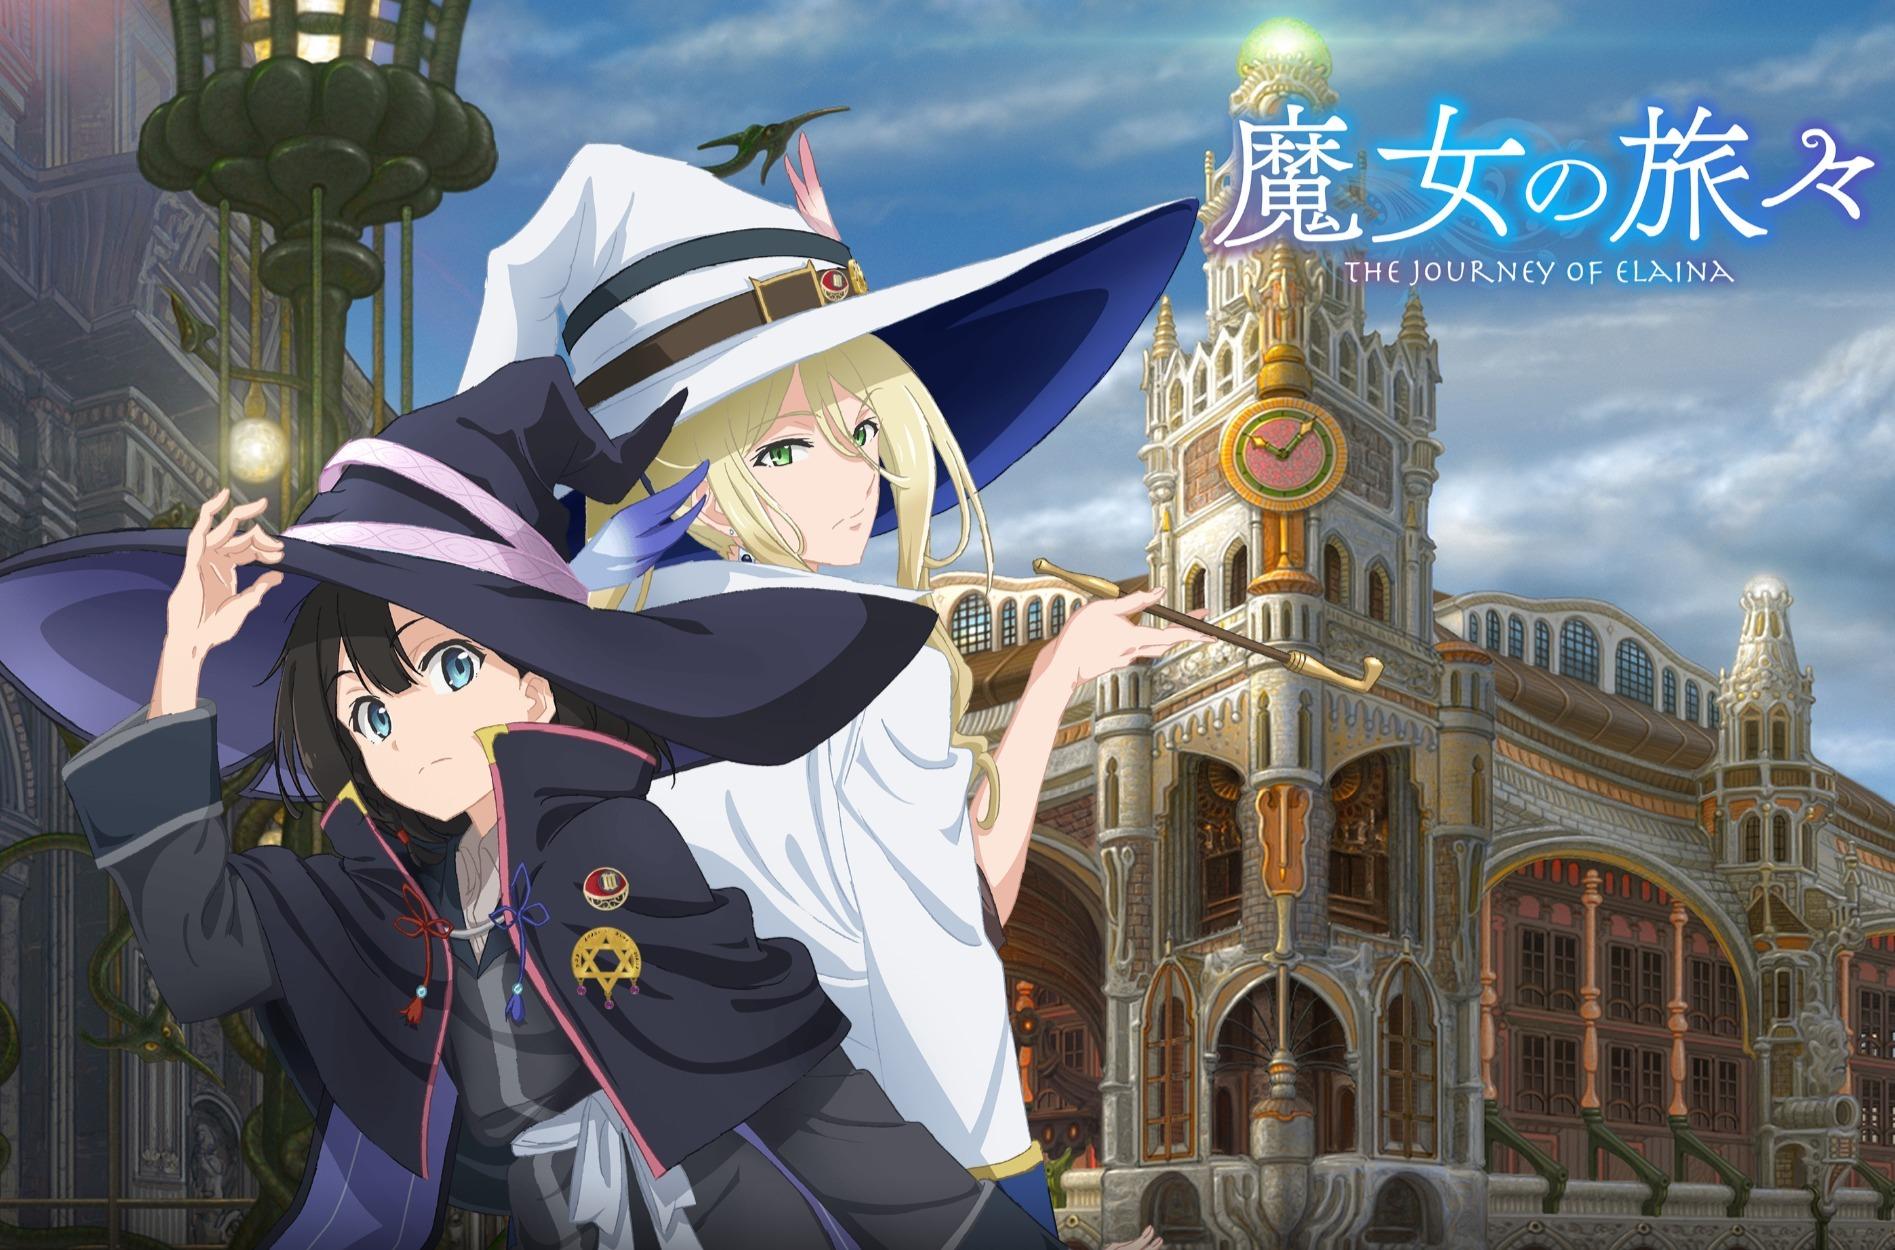 【动漫情报】轻改TV动画《魔女之旅》新视觉绘和第2弹PV公开,2020年10月播出